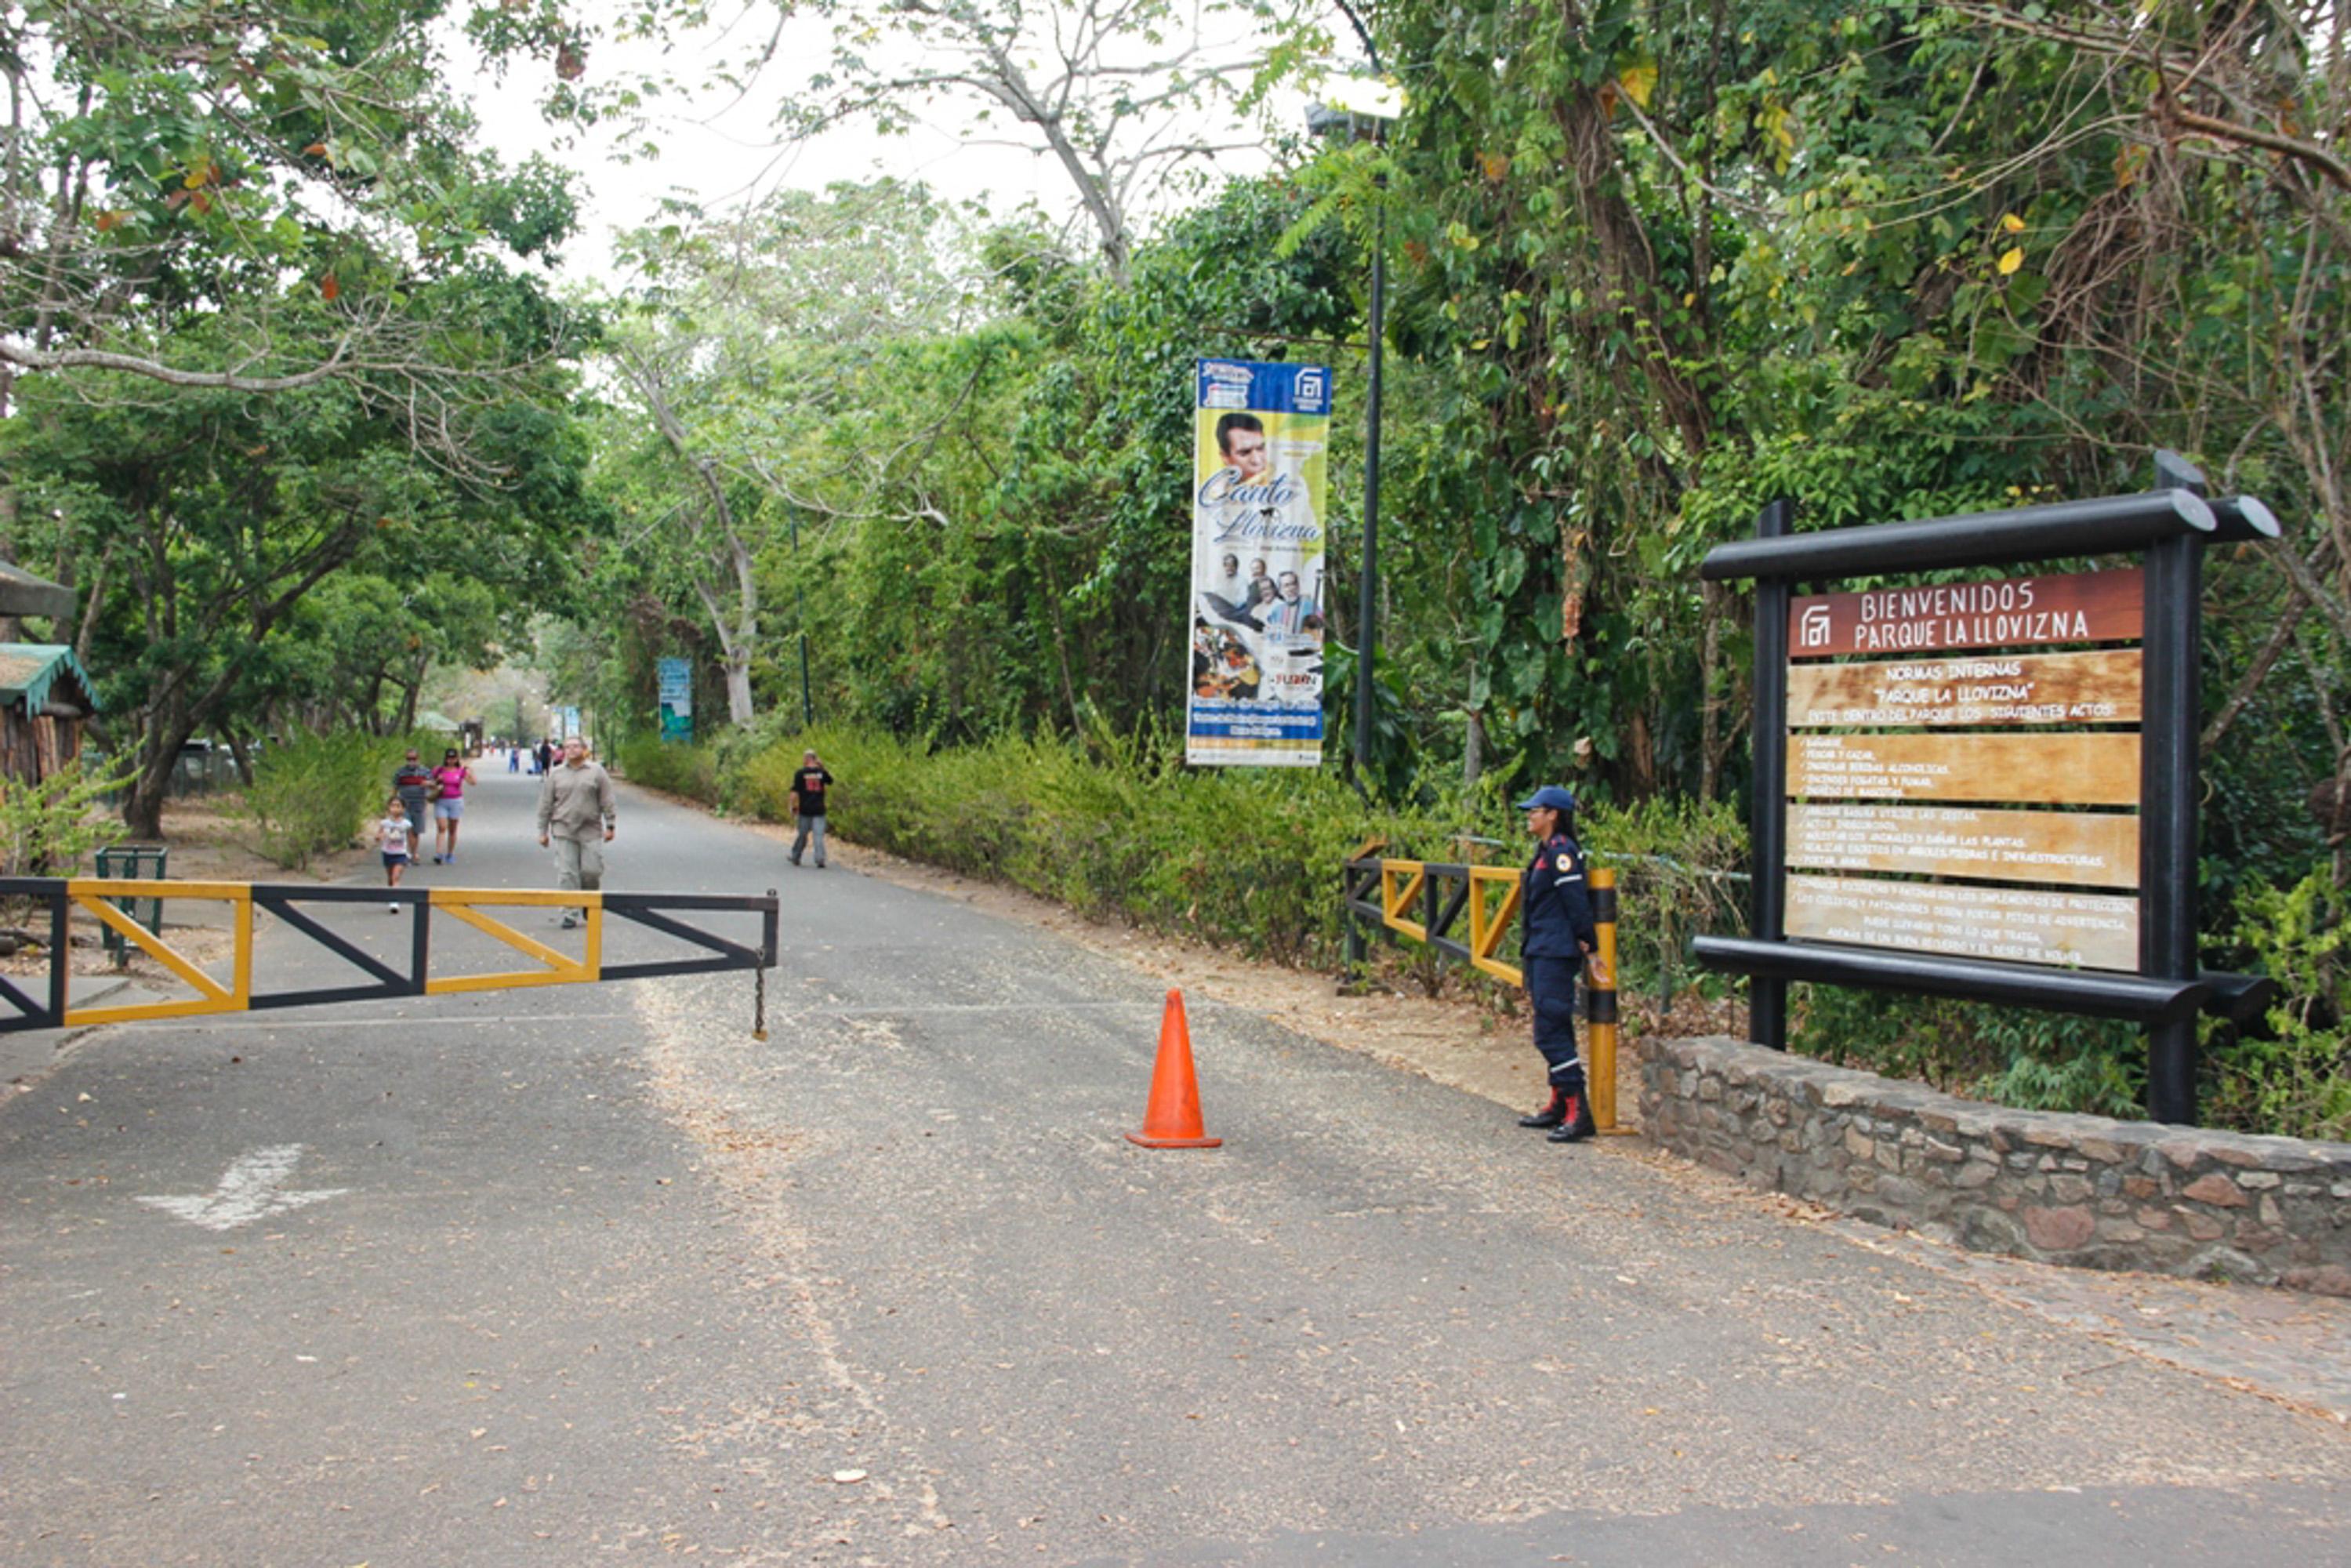 Viceministro GD Edylberto Molina Supervisión Carnavales en el Parque La Llovizna Ciudad Bolivar (17)